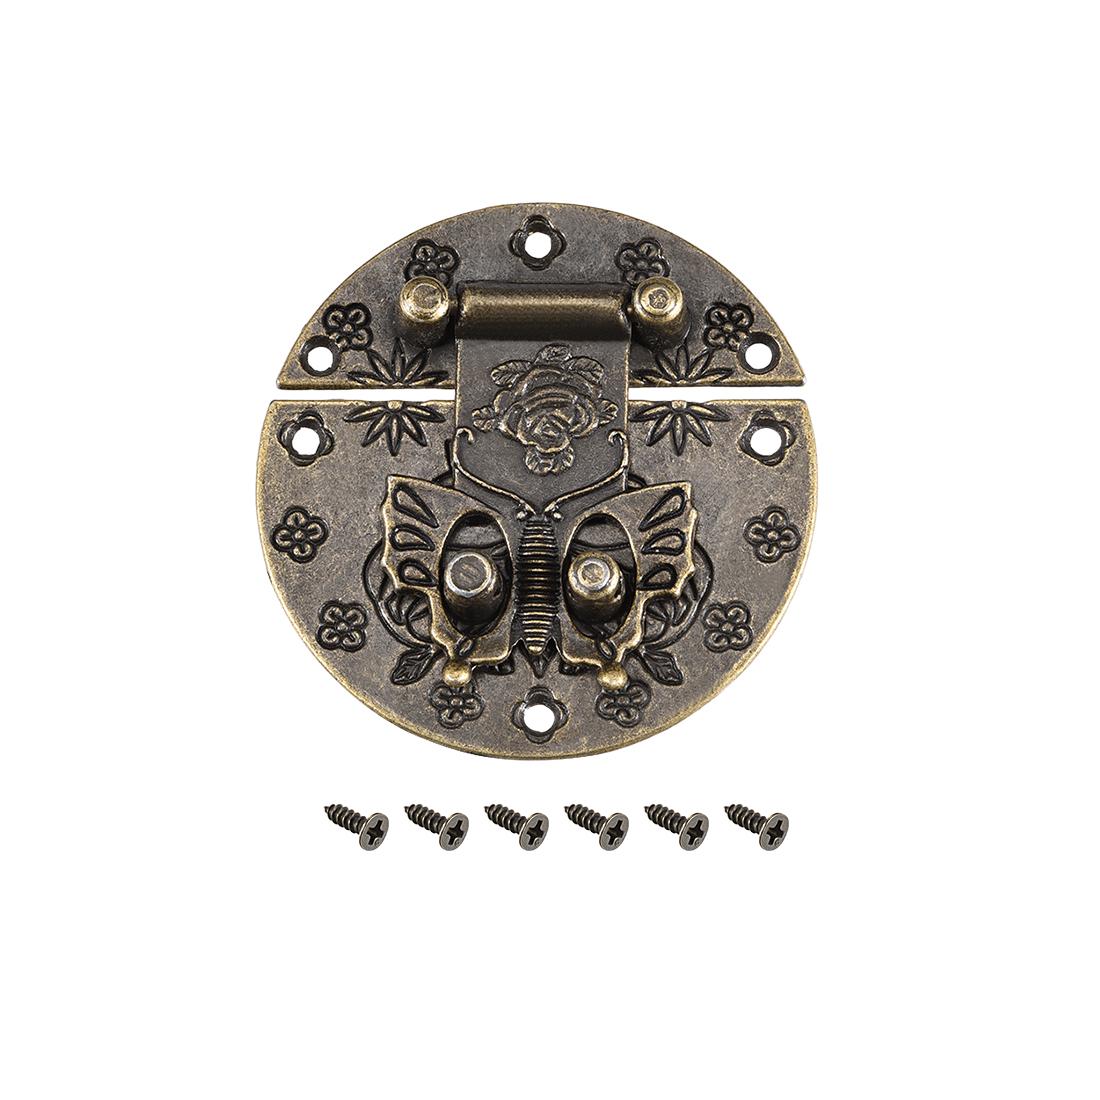 Wood Case Box Round Hasp 58x10.5mm Zinc Alloy Antique Latches Bronze Tone, 5 Pcs